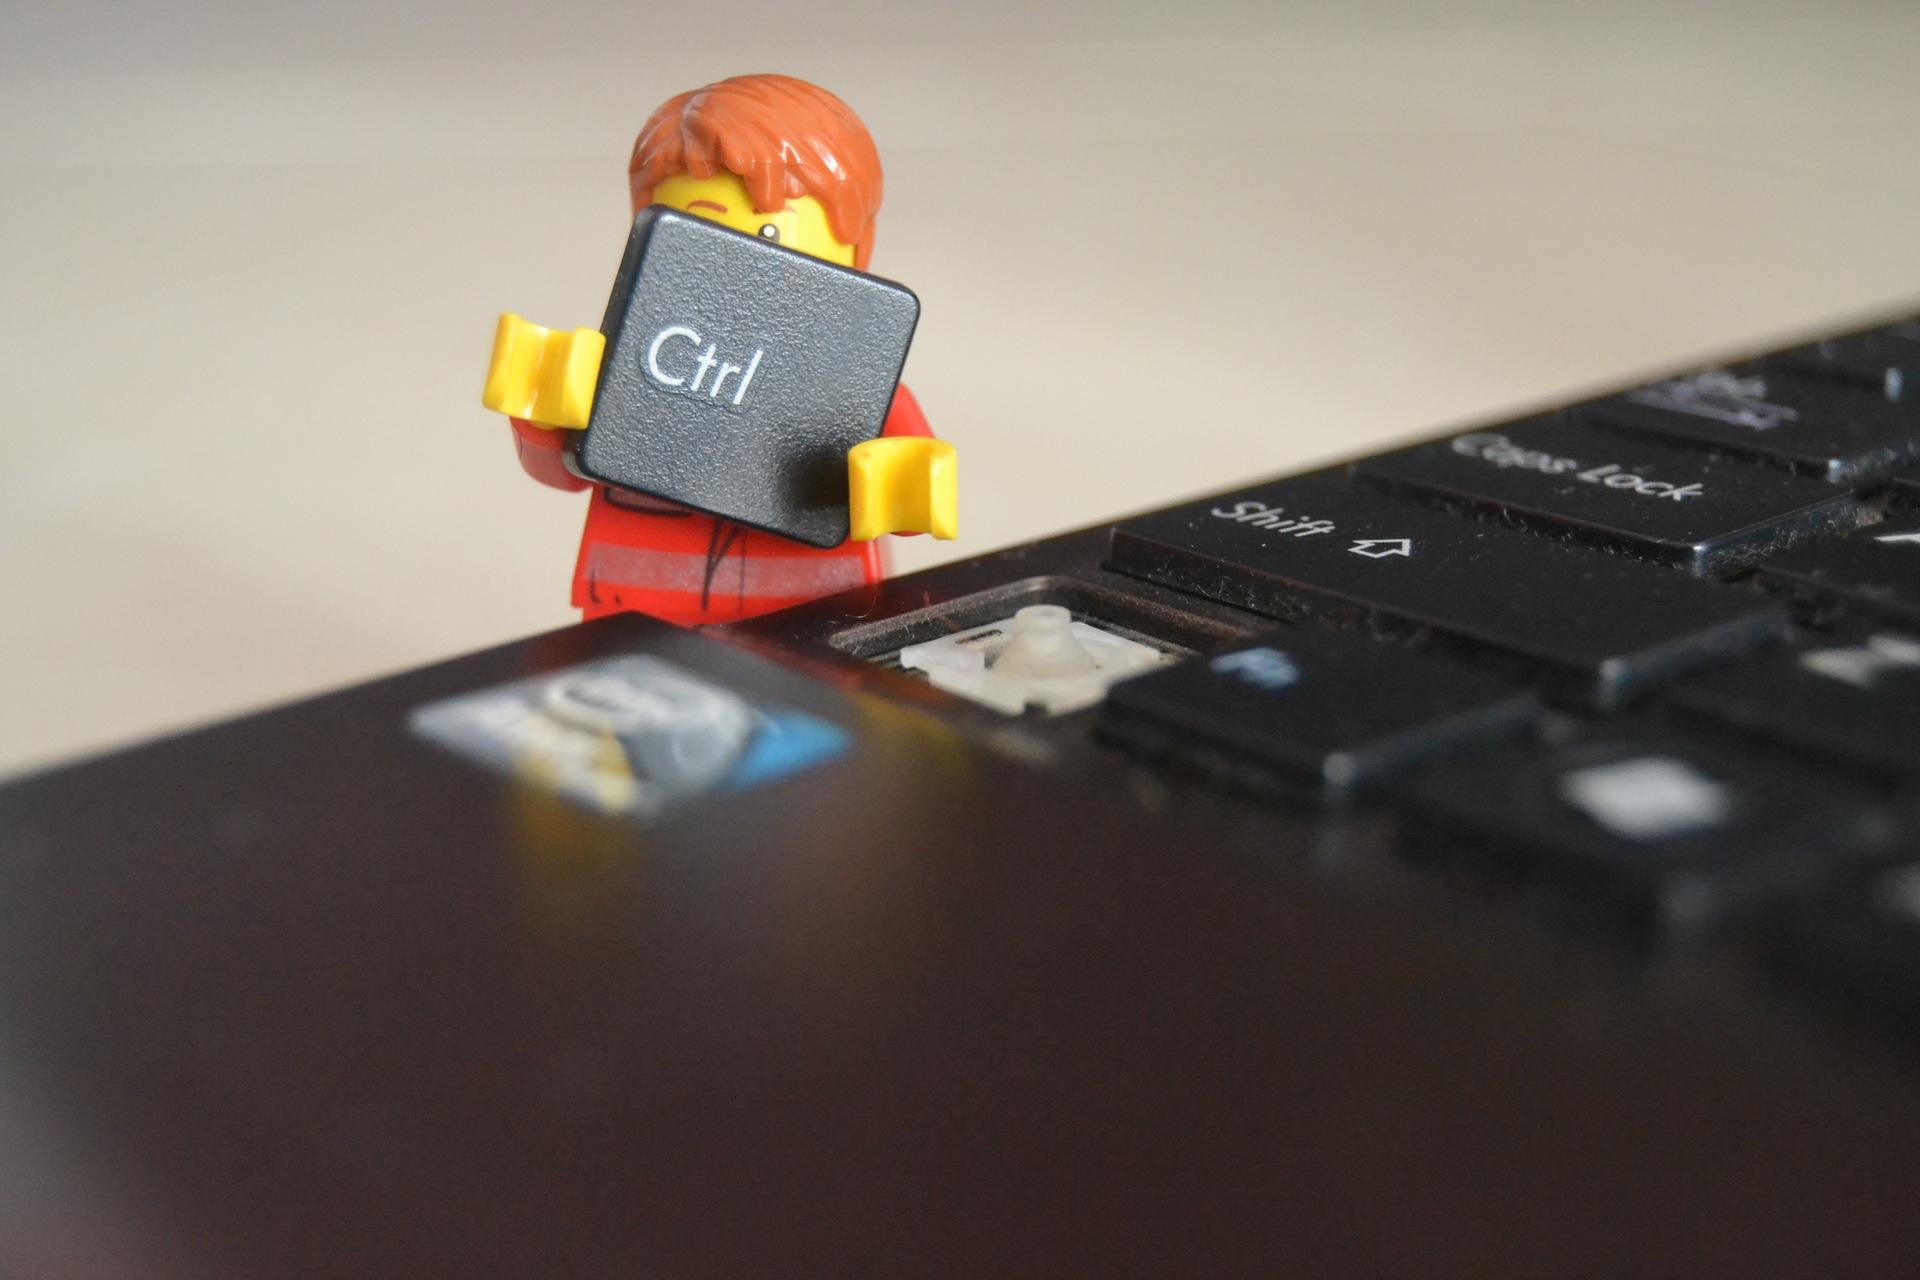 便携式, 玩具, 键盘, 修复, 微型, 乐高 - 高清壁纸 - 教授-falken.com